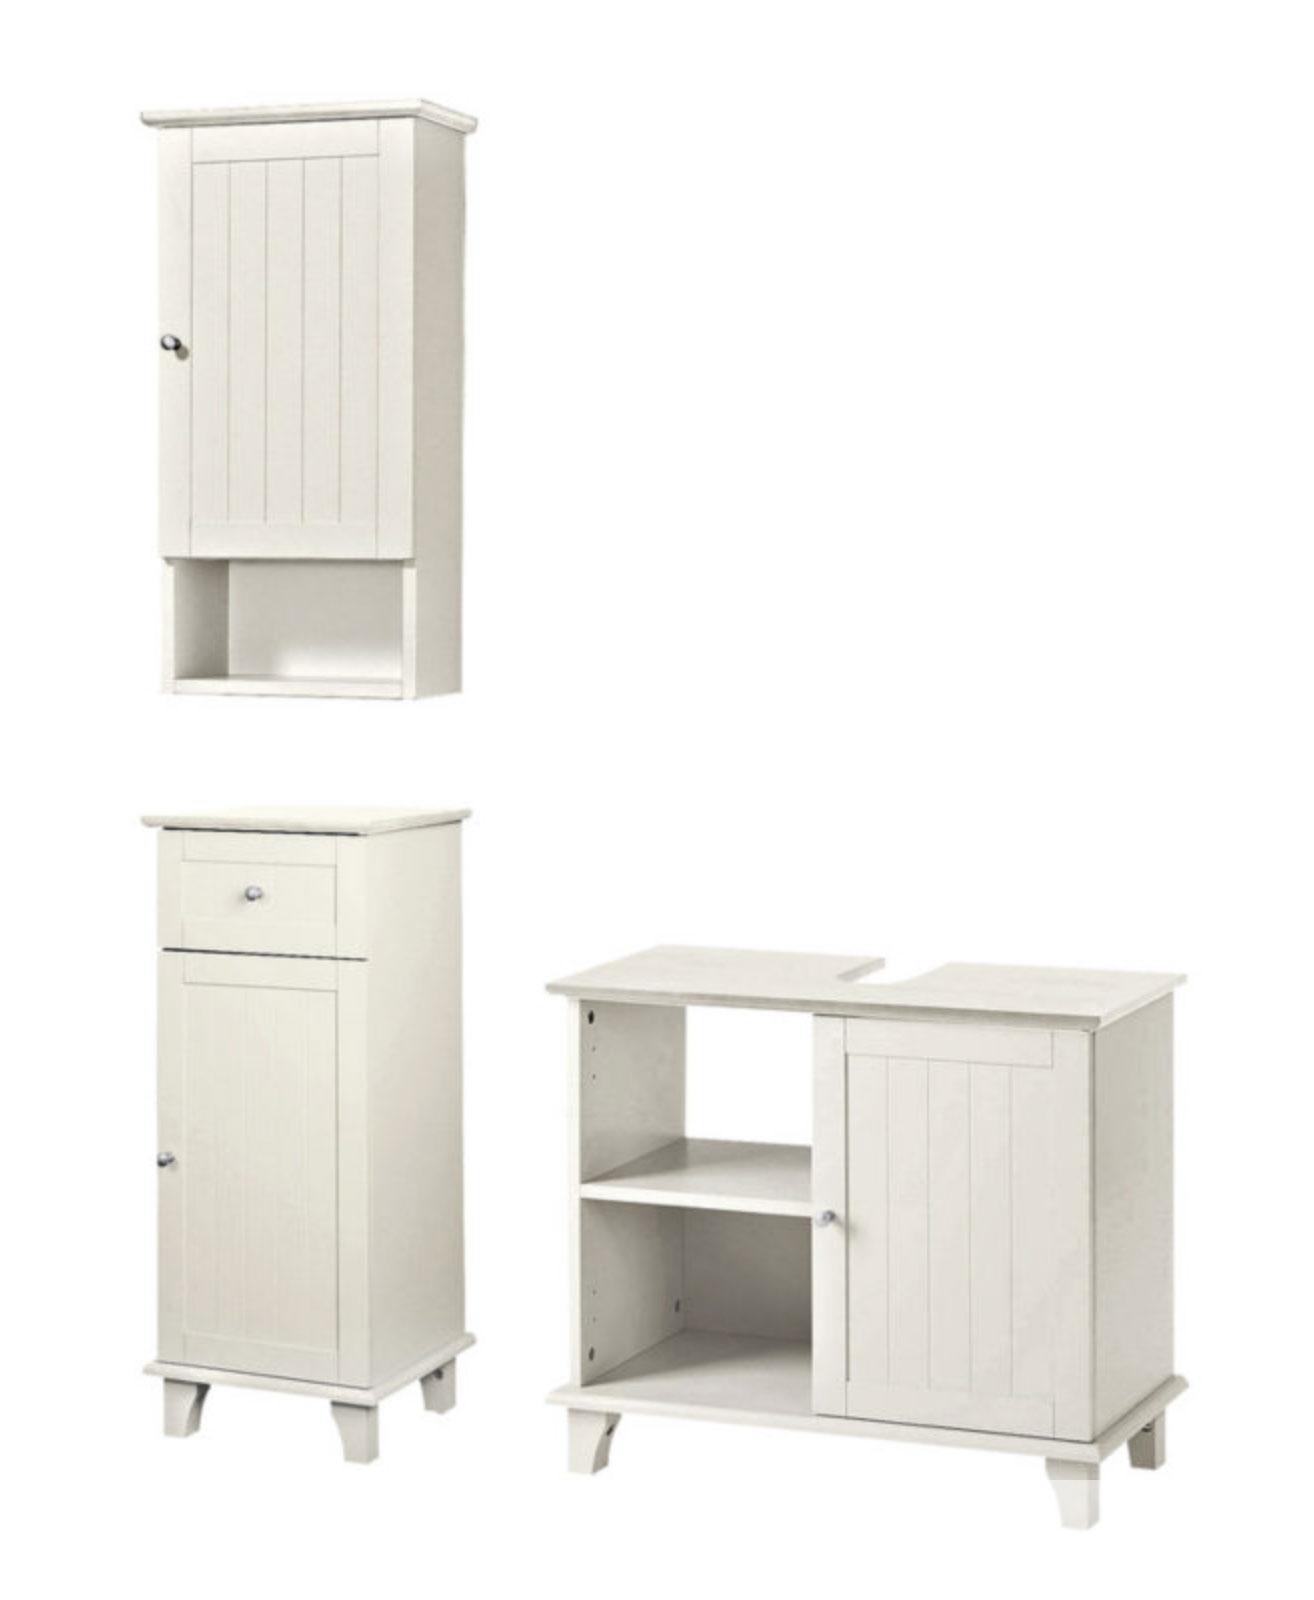 Badmöbel Set Waschbeckenunterschrank Hängeschrank Schrank Holzschrank 7100285